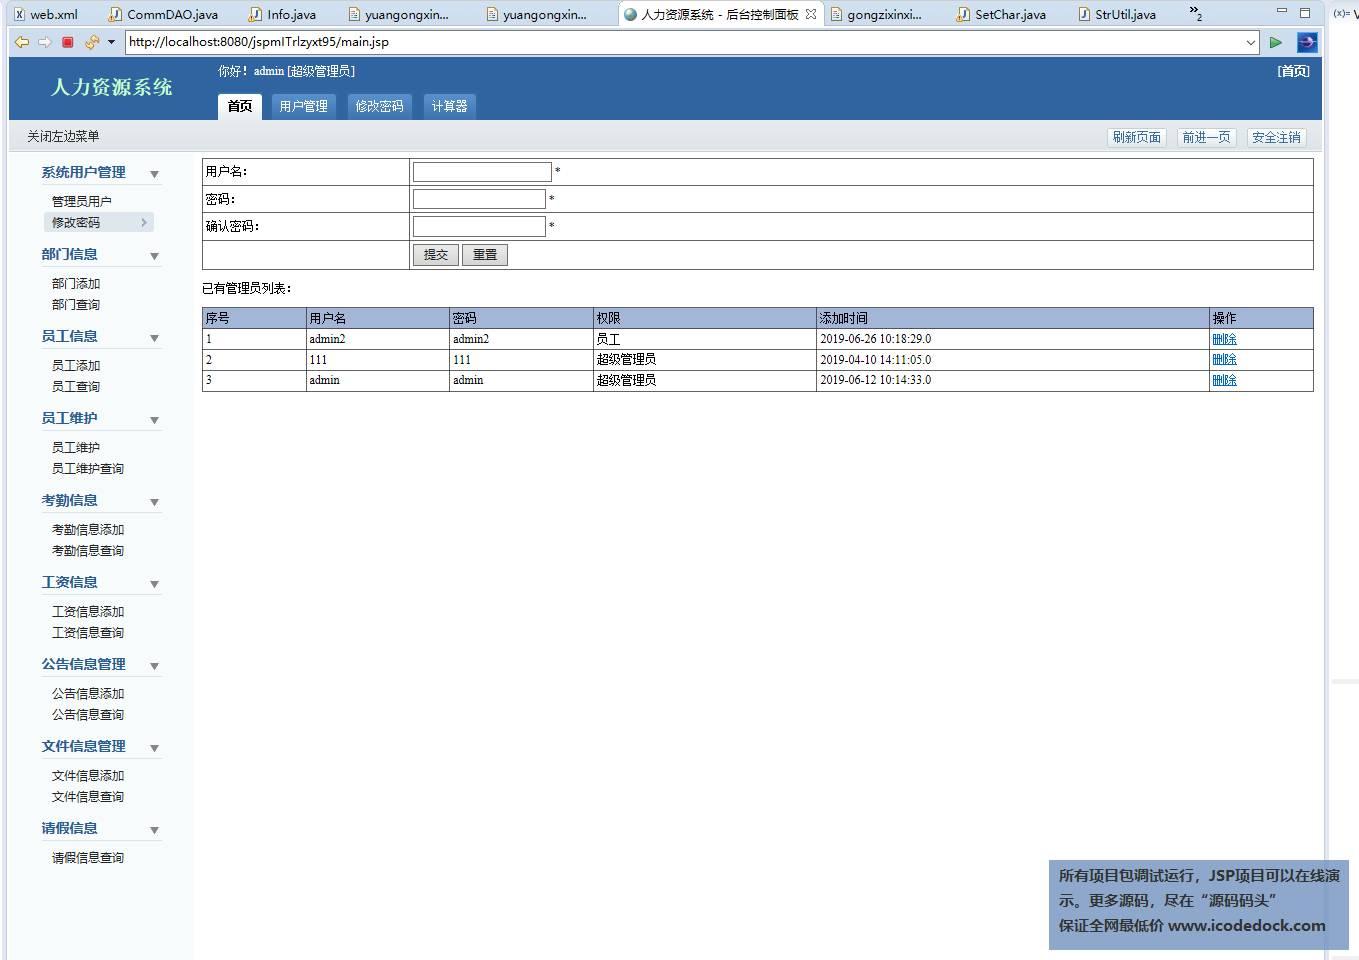 源码码头-JSP人事管理系统-管理员角色-系统用户管理